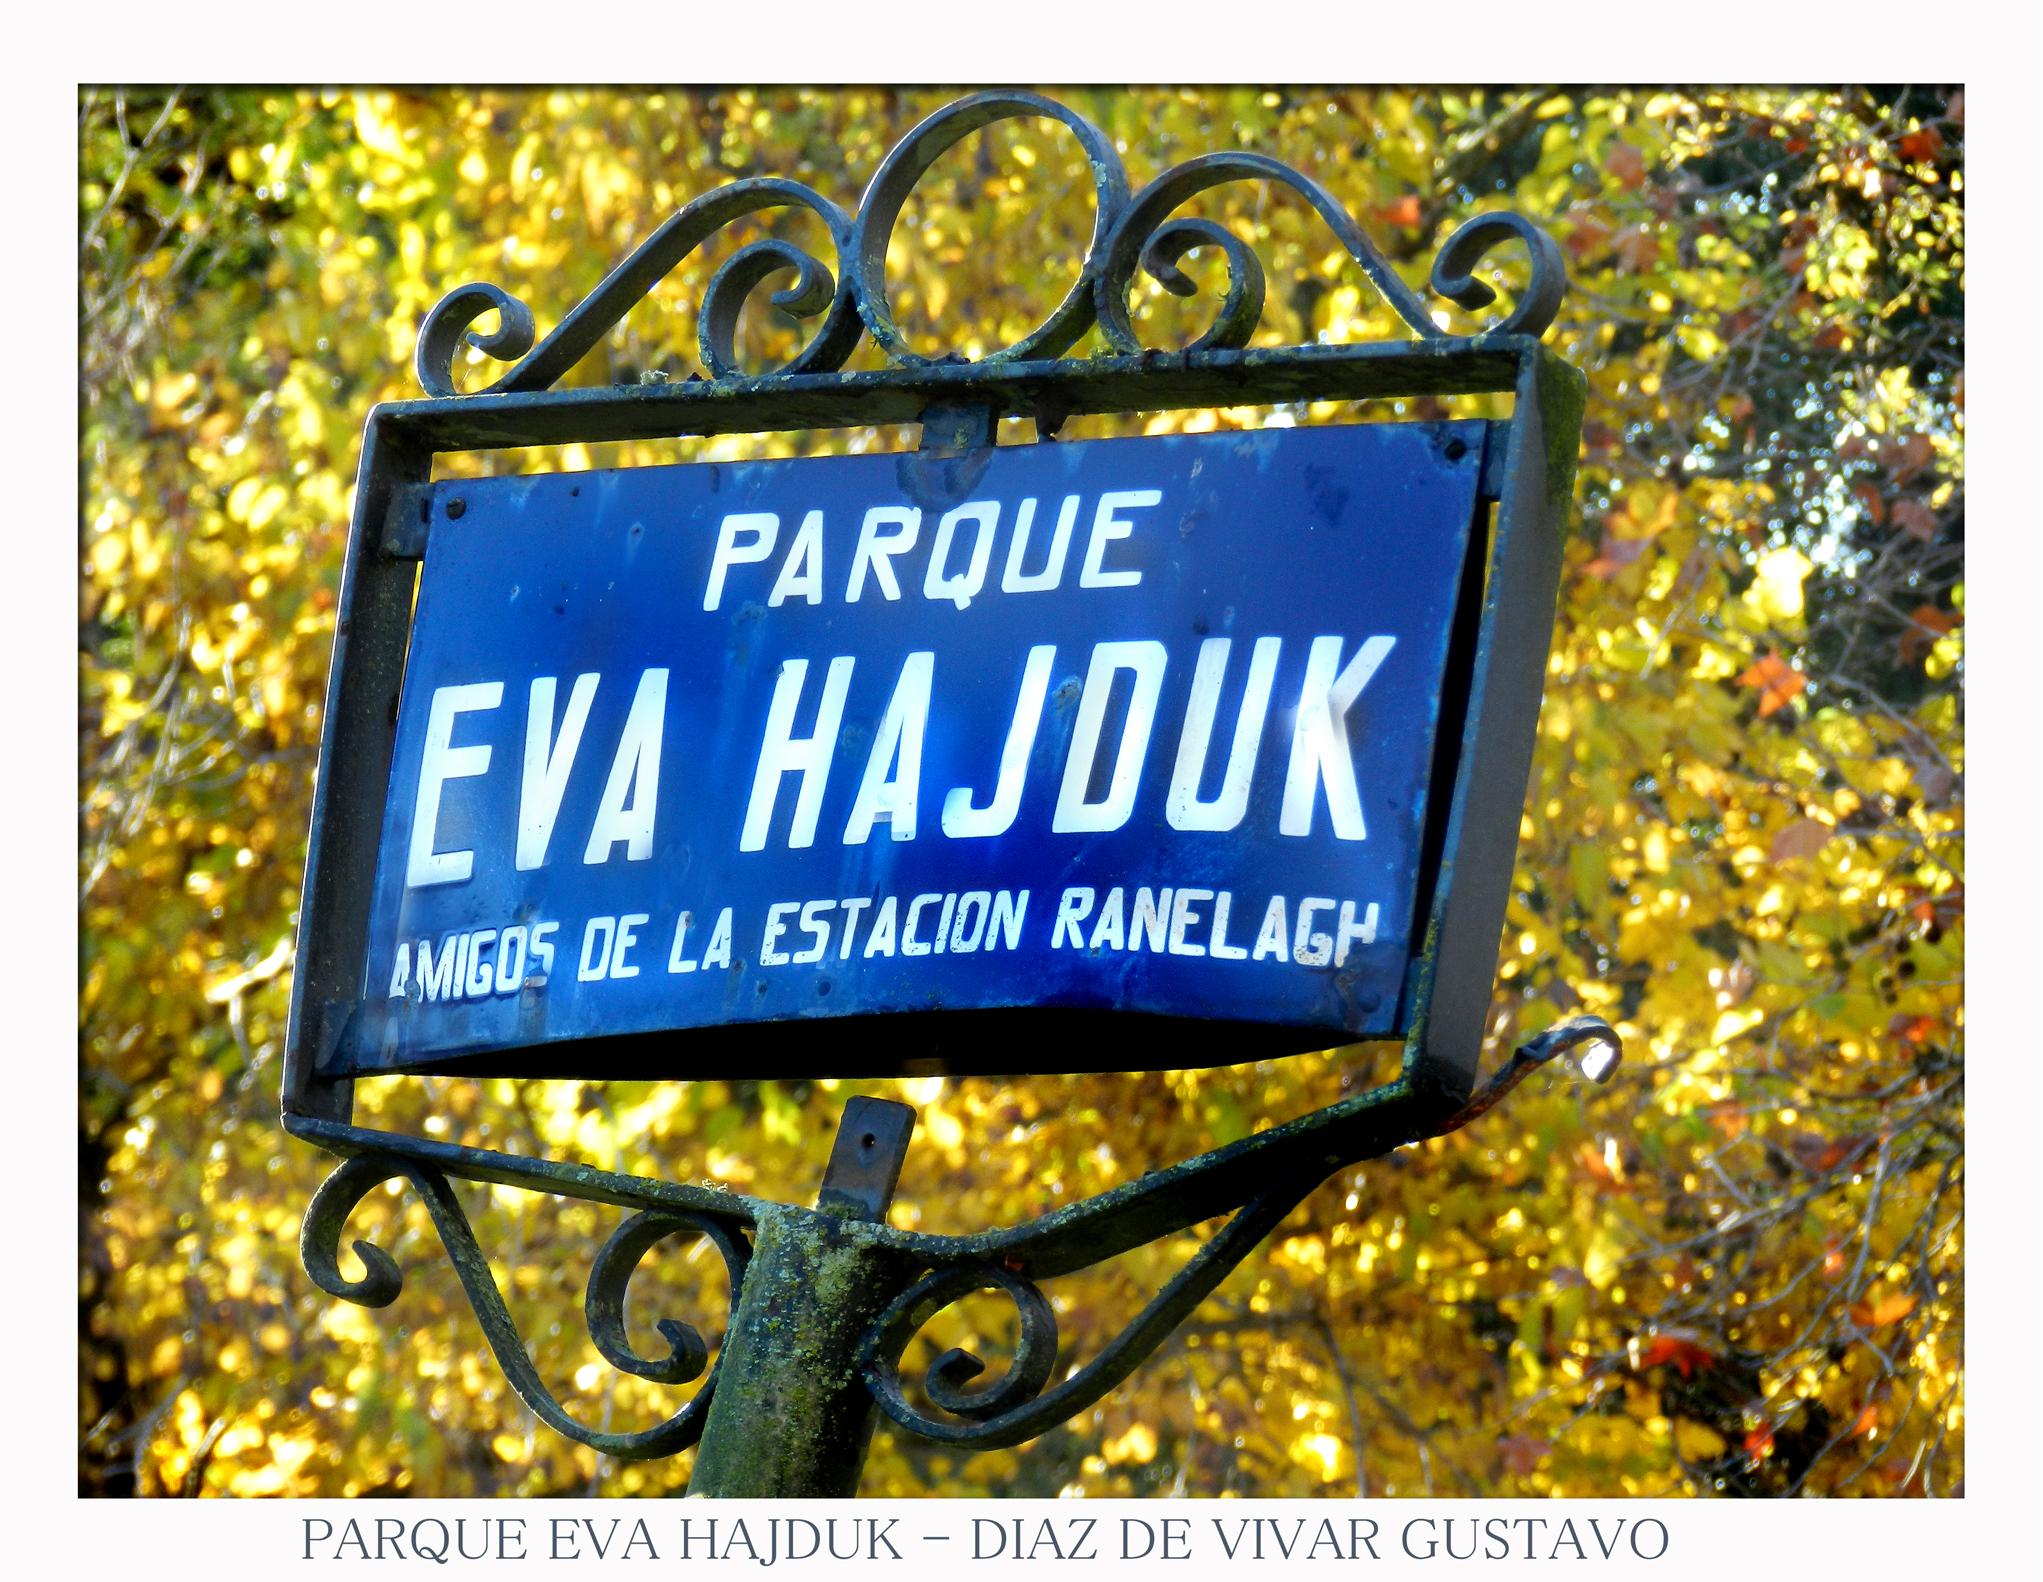 Parque Eva hadjuk  - Diaz de vivar gustavo